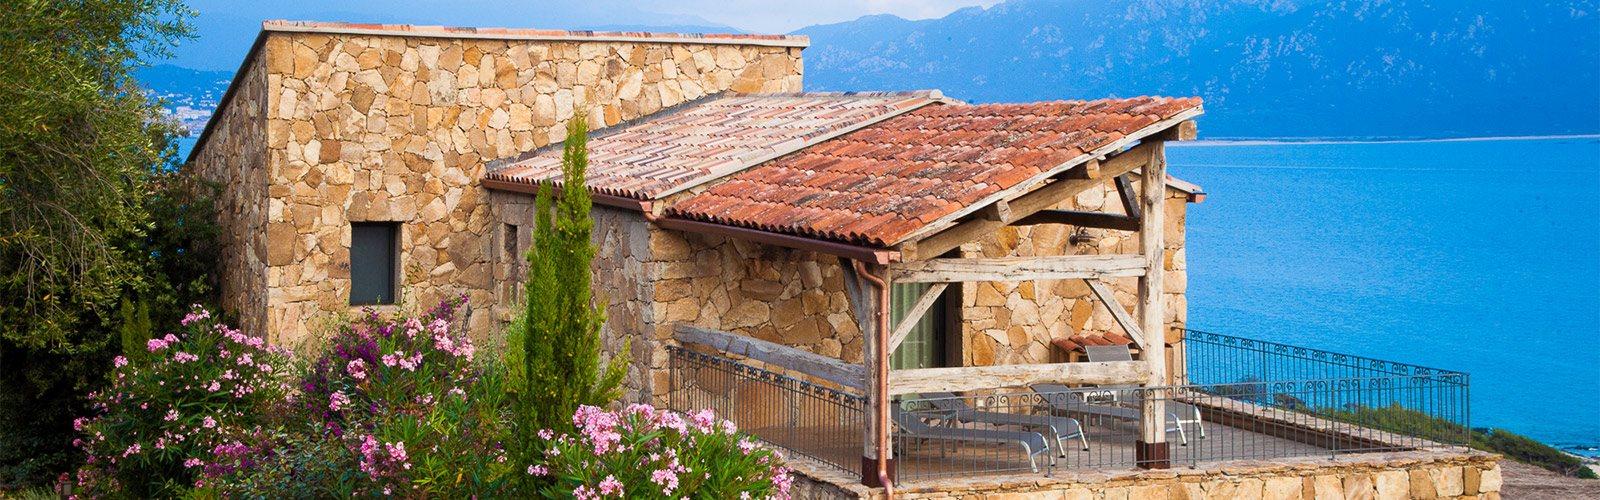 Korsische Villa aus Stein mit Meerblick